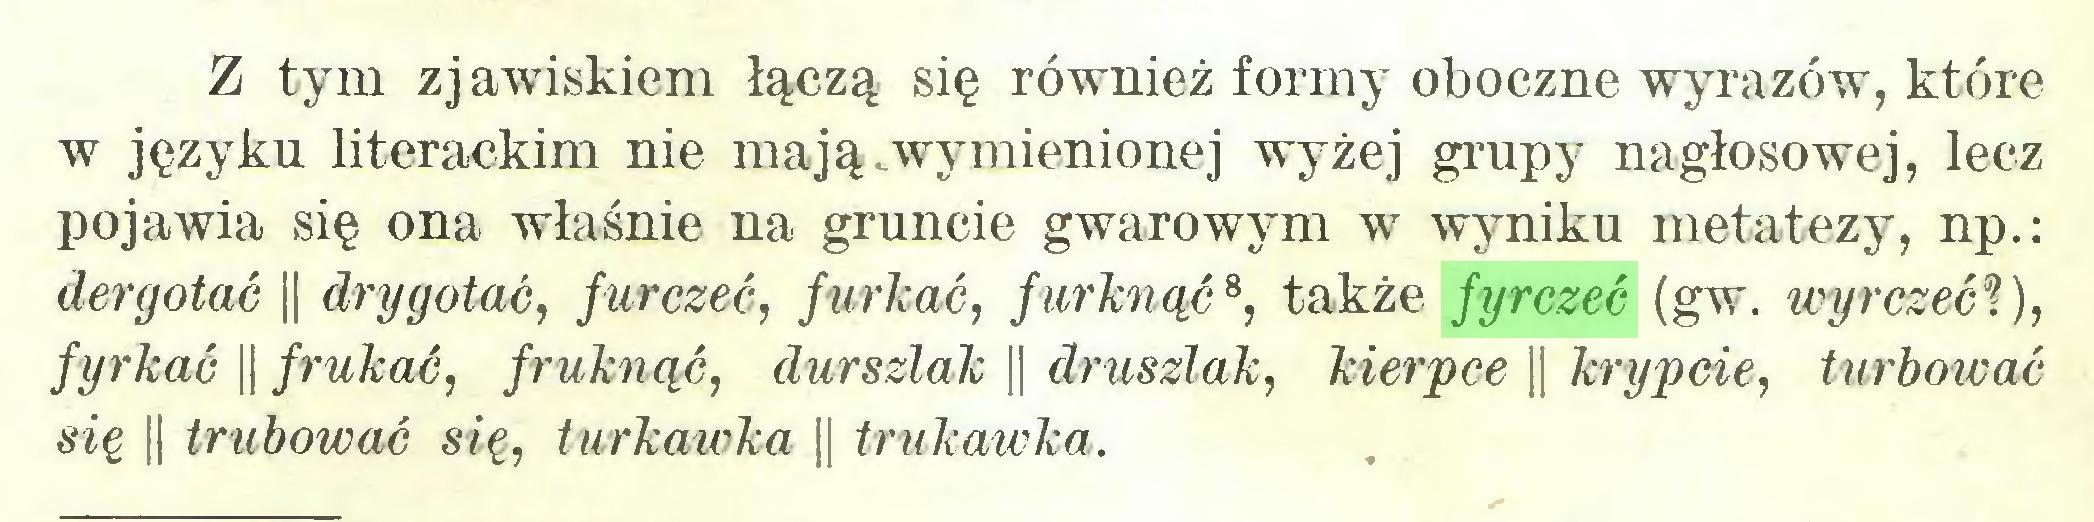 (...) Z tym zj awiskiem łączą się również formy oboczne wyrazów, które w języku literackim nie ma ją. wy mienionej wyżej grupy nagłosowej, lecz pojawia się ona właśnie na gruncie gwarowym w wyniku metatezy, np.: dergotać || drygotać, furczeć, furkać, furknąć8, także fyrczeć (gw. wyrczeć%), fyrkać || frukać, fruknąć, durszlak || druszlak, kierpce || krypcie, turbować się || trubować się, iurkawka || trukawka...